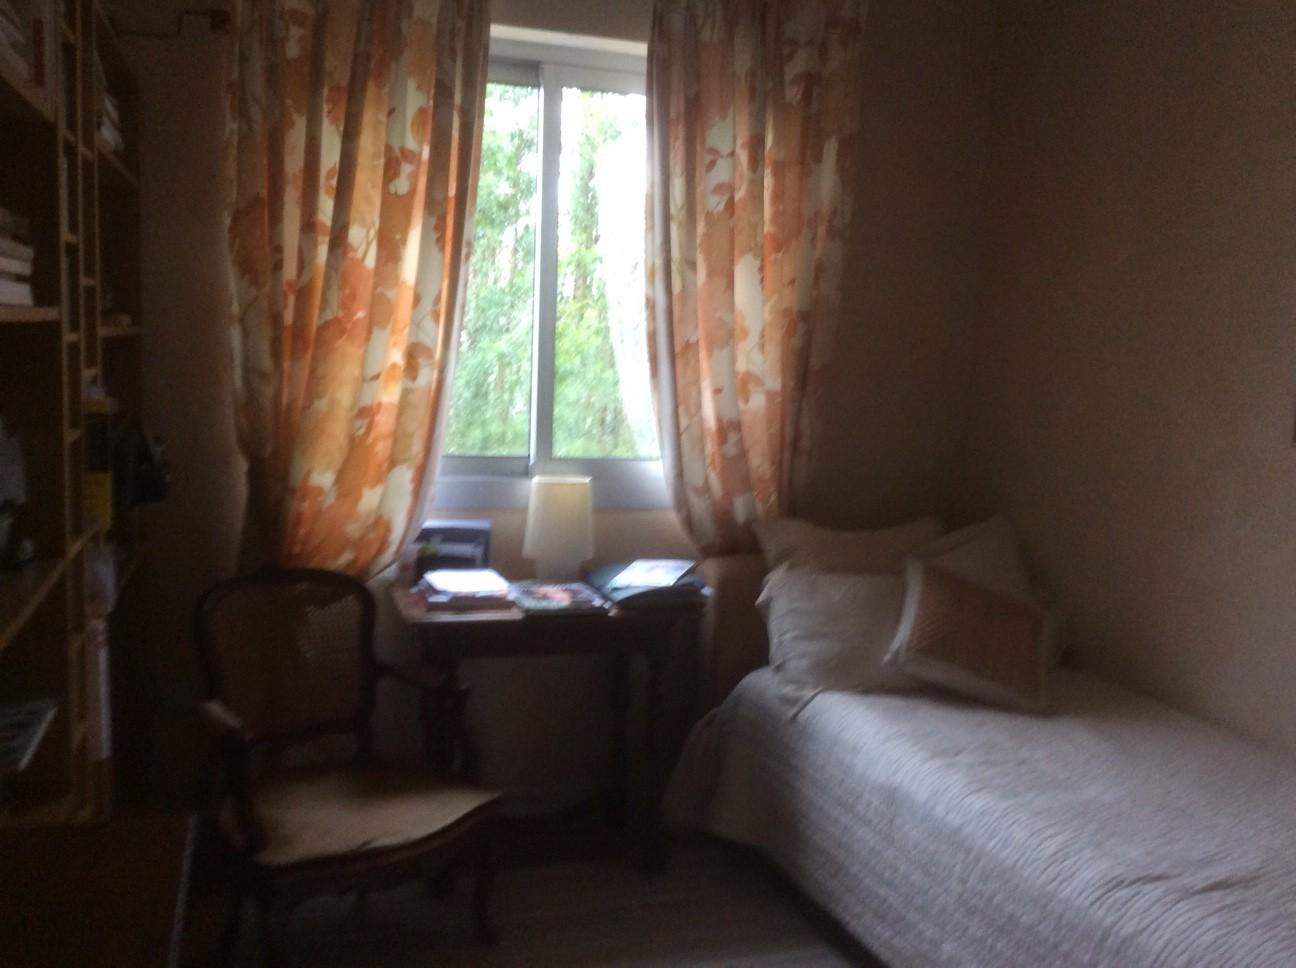 French appartement de 75m avec balcon fleuri et terrasse for Appartement terrasse paris 14